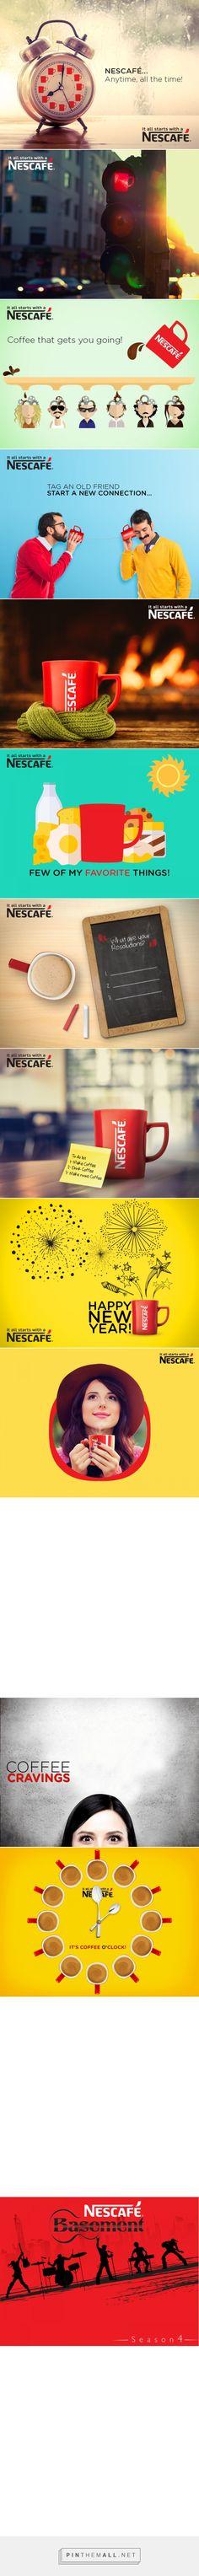 Nescafé Pakistan - Digital on Behance - created via https://pinthemall.net